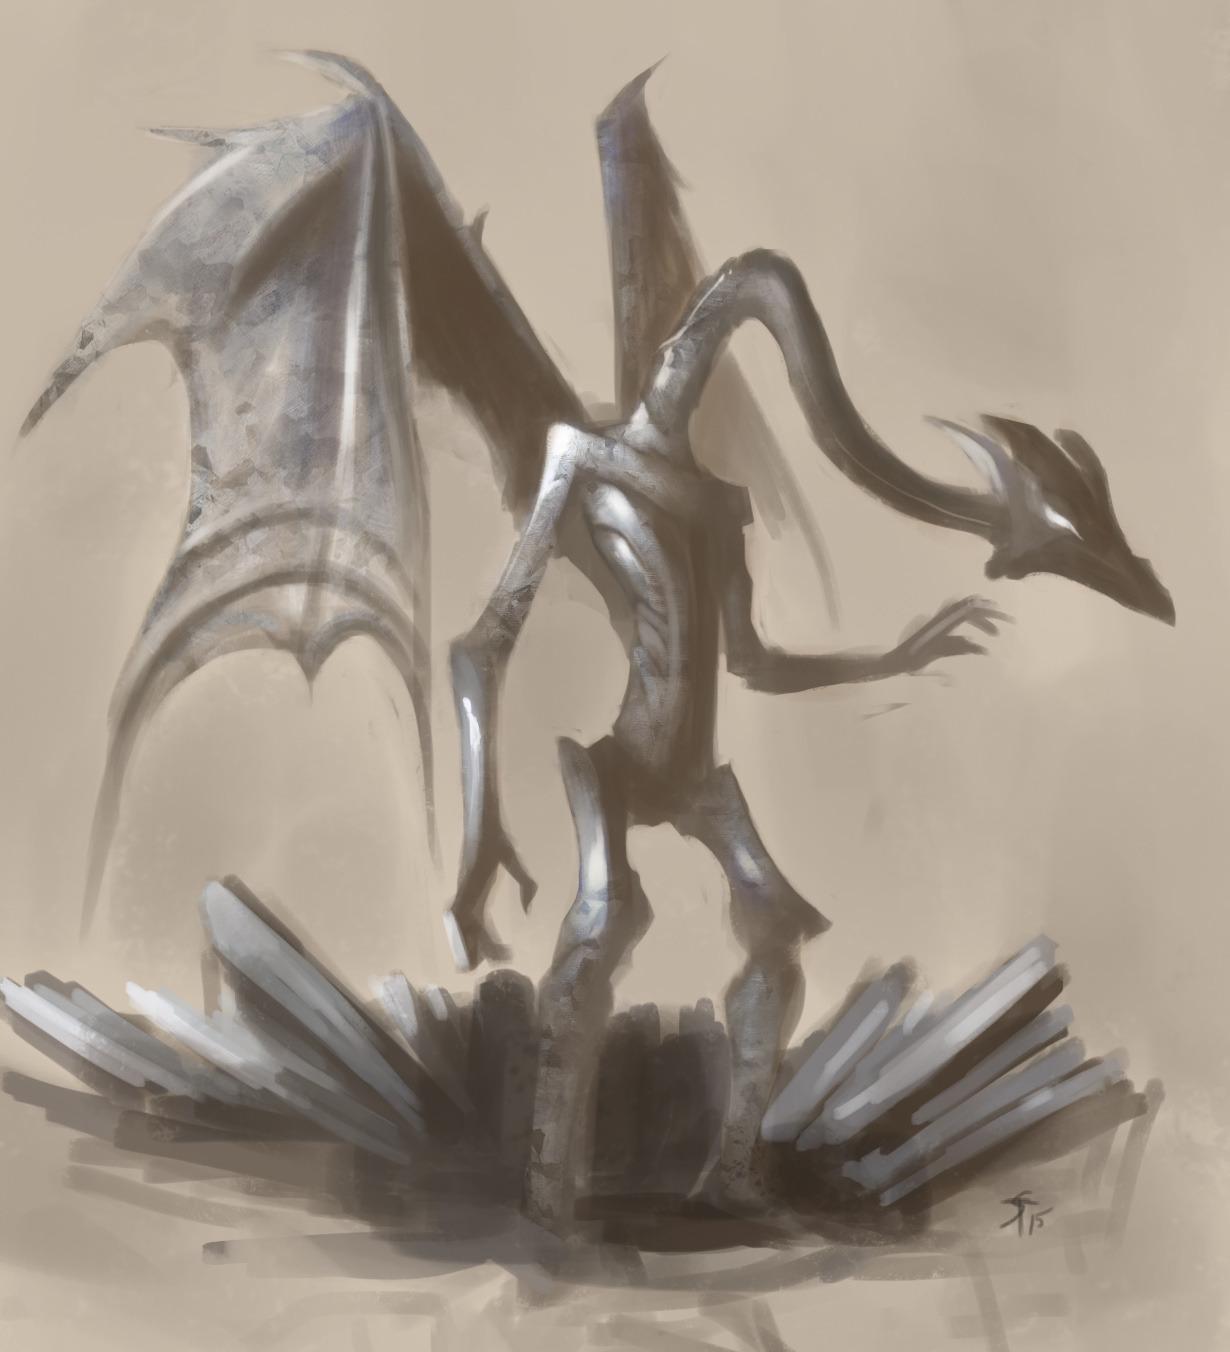 """the-murdellicious #56: """"Dragon, Steel"""" - by Tuomas Salmela themurling.tumblr.com (2015) © dell'autore tutti i diritti riservati"""